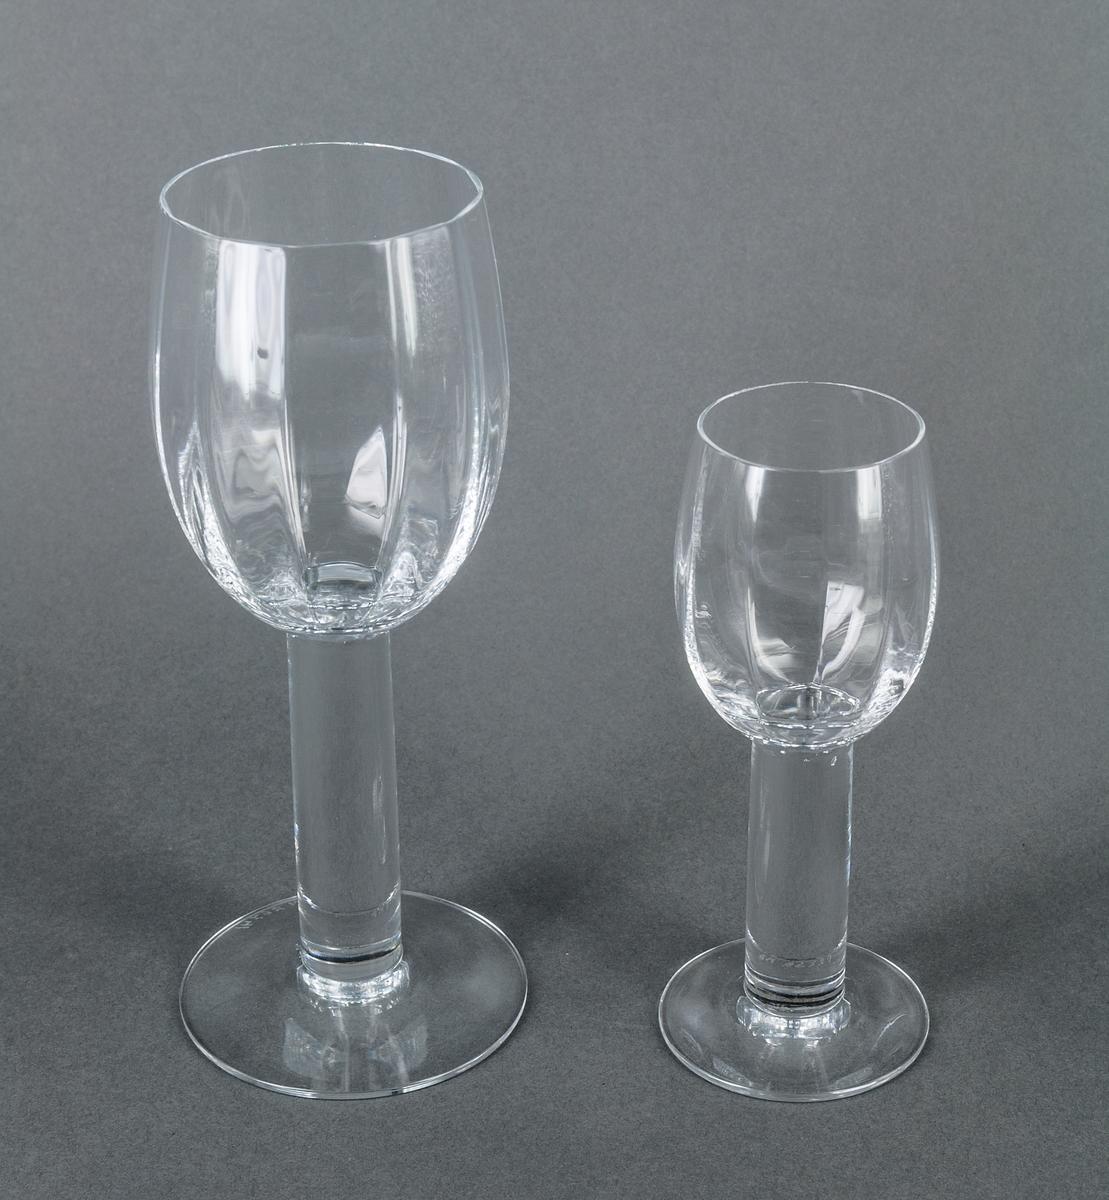 """Sherryglas, ofärgat, modell """"Pelarservisen med optik i kupan"""". Avhugget oval kupa, vertikalt mångkantig på insidan, på högt, cylindriskt, tämligen tjockt ben. Design Gunnar Cyrén för Orrefors Glasbruk."""